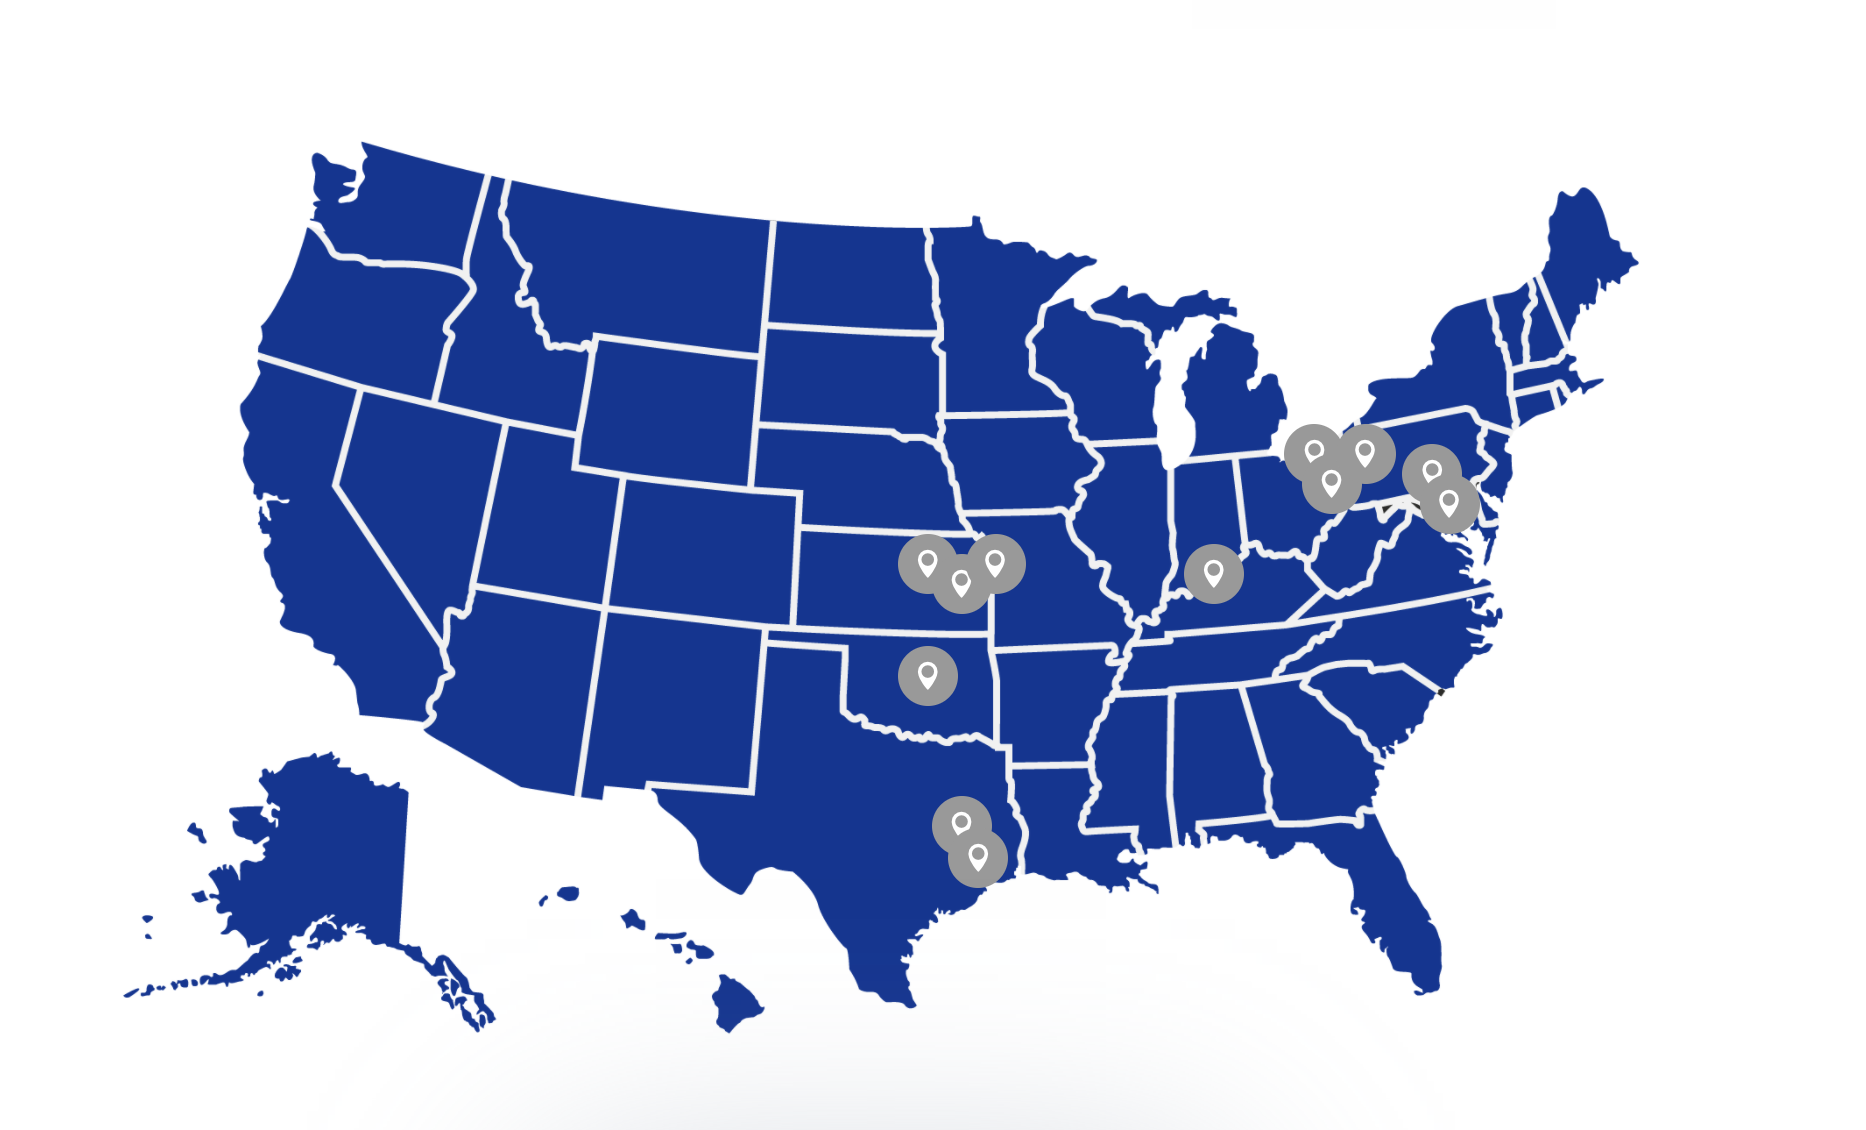 dealer locator currentsafe-map image